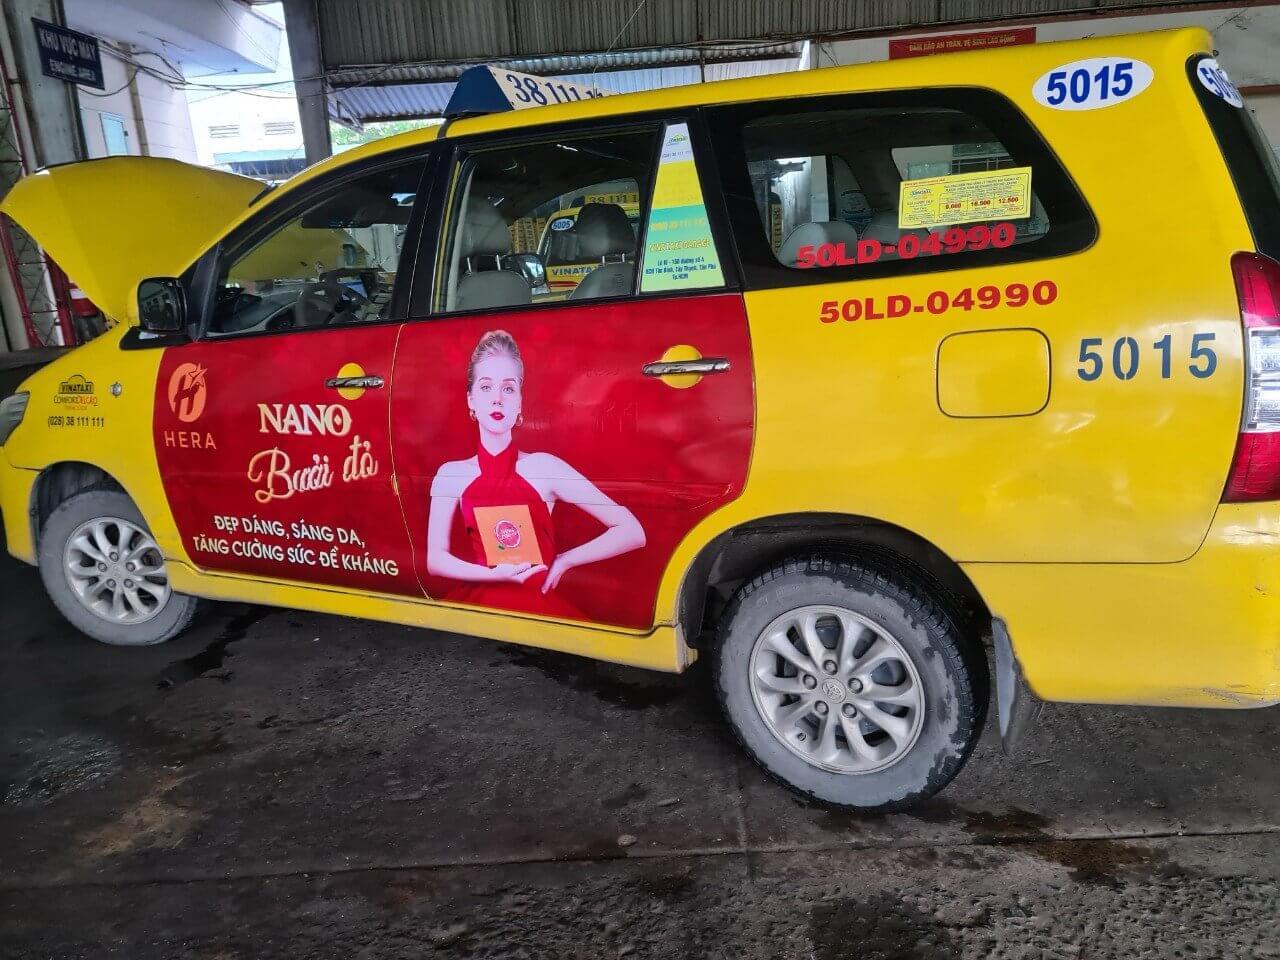 Hera nano bưởi đỏ quảng cáo dán full 4 cánh Vina taxi vàng